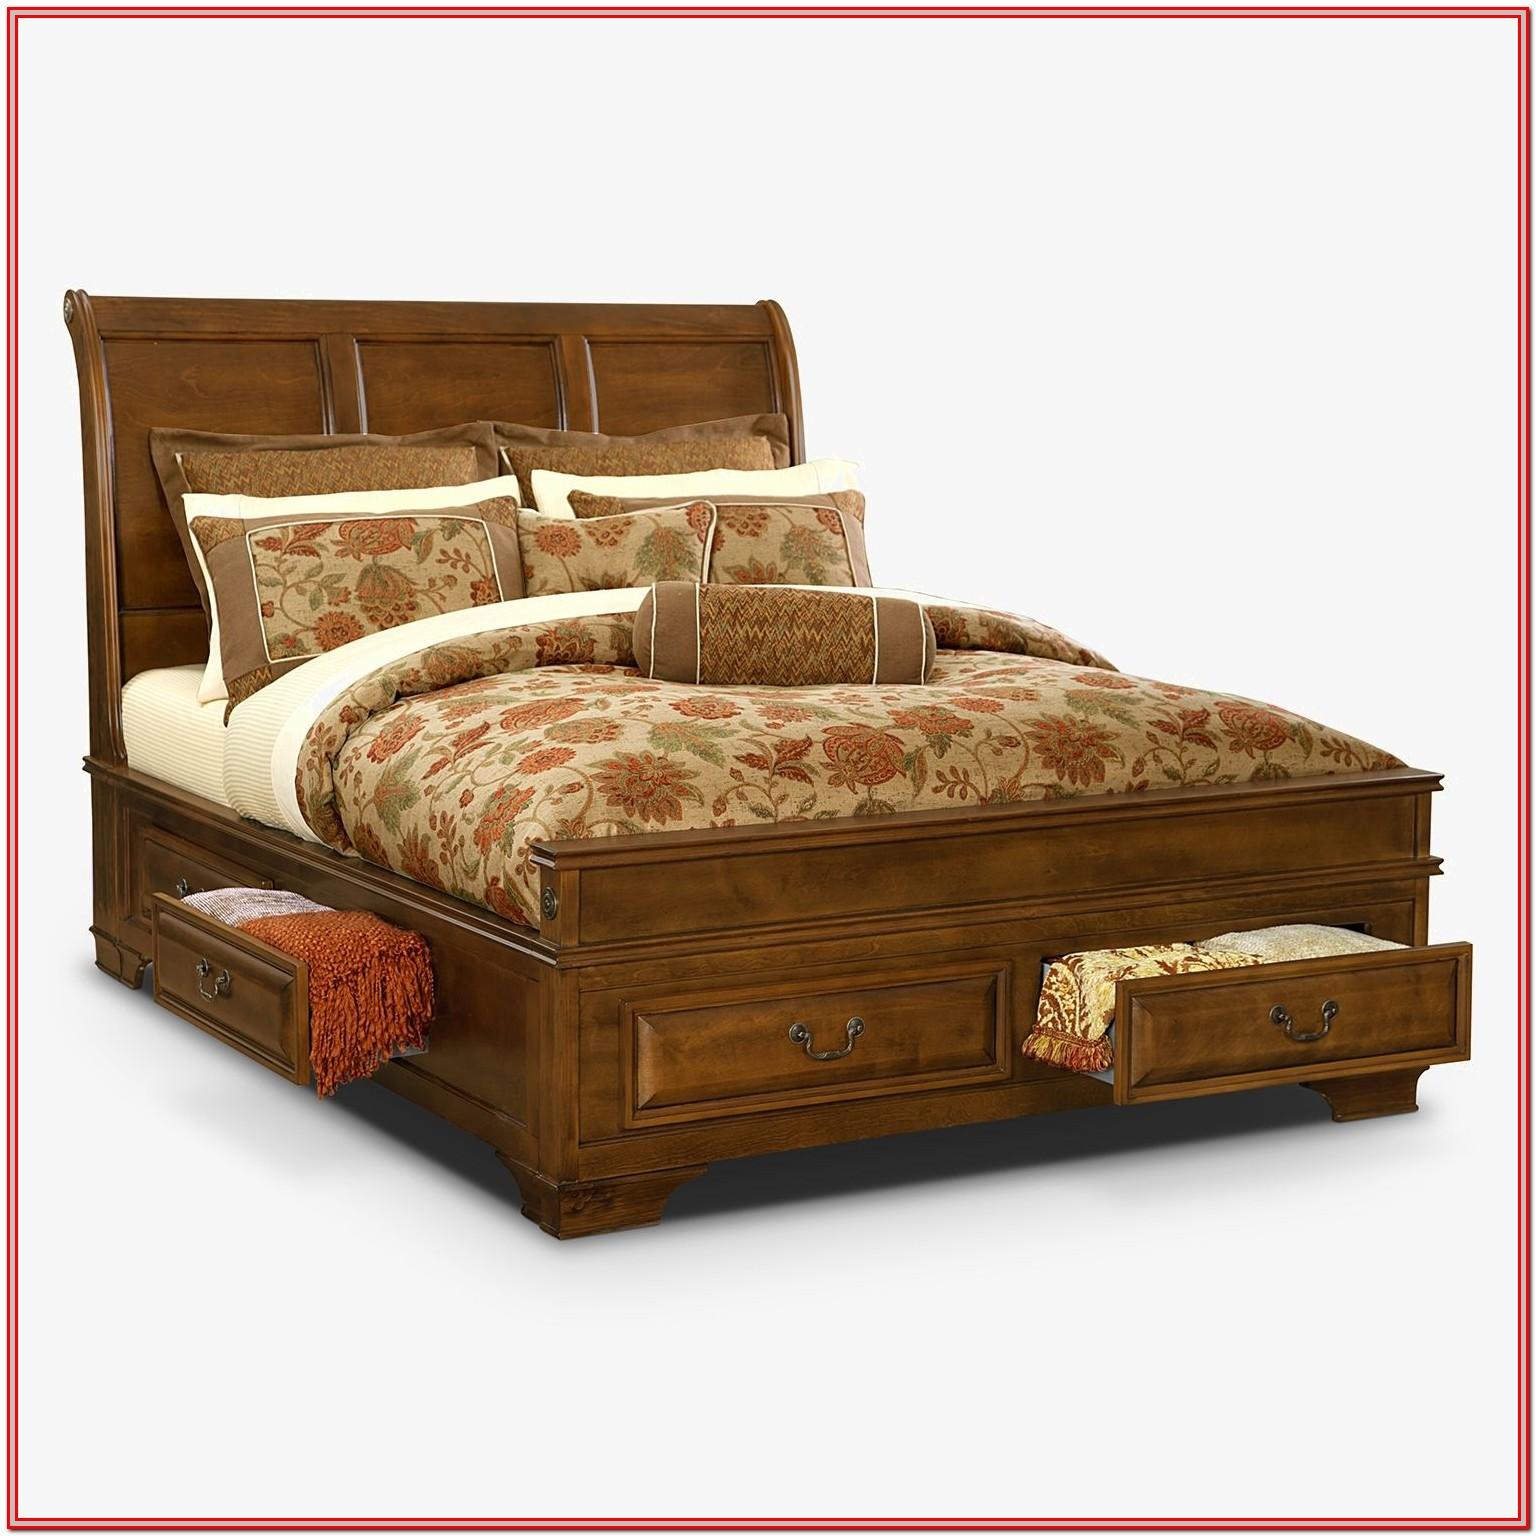 Low Platform Bed Frames Queen